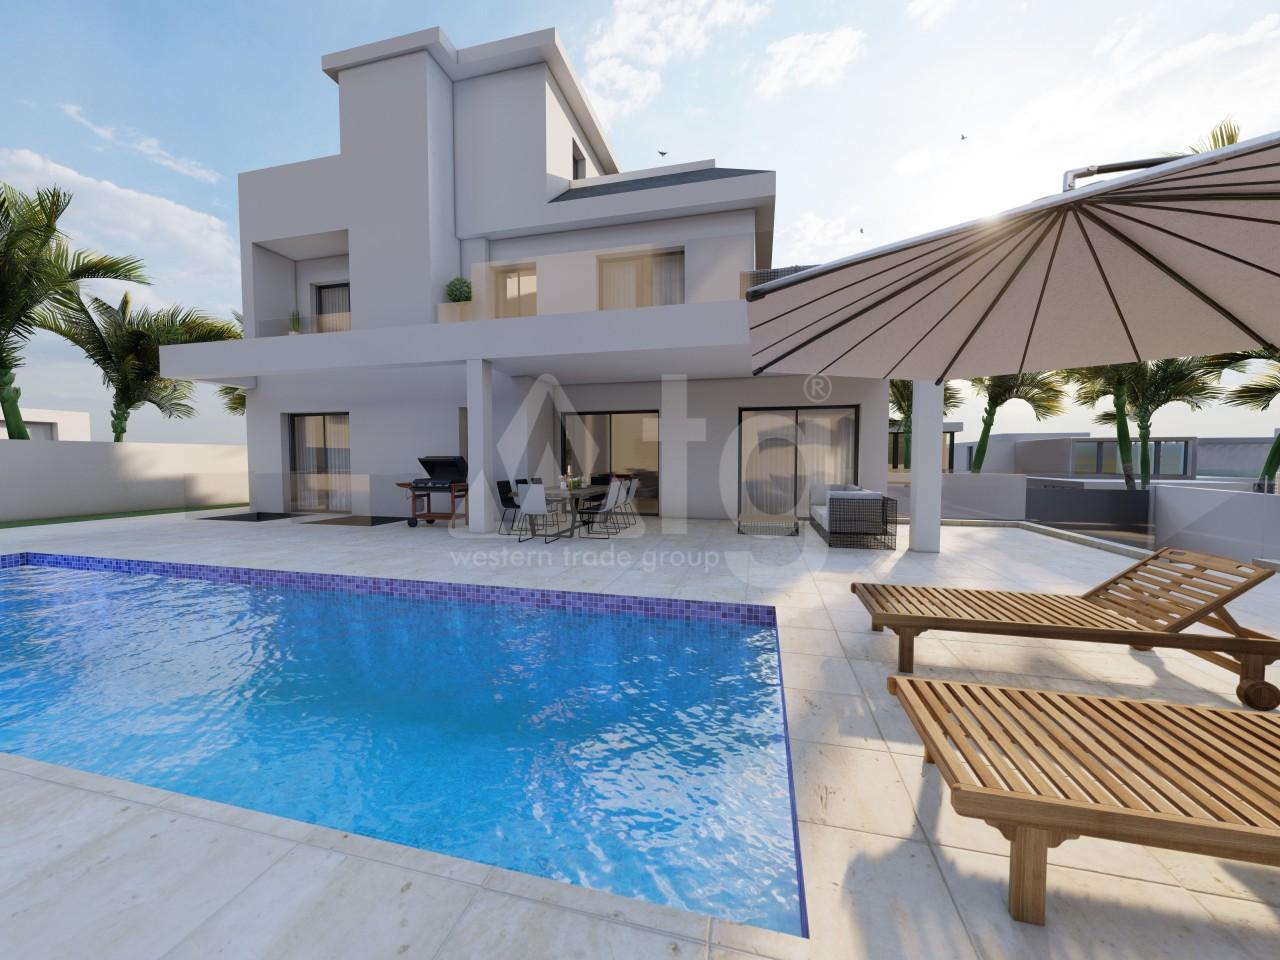 Spain property for sale in Ciudad Quesada, Valencia